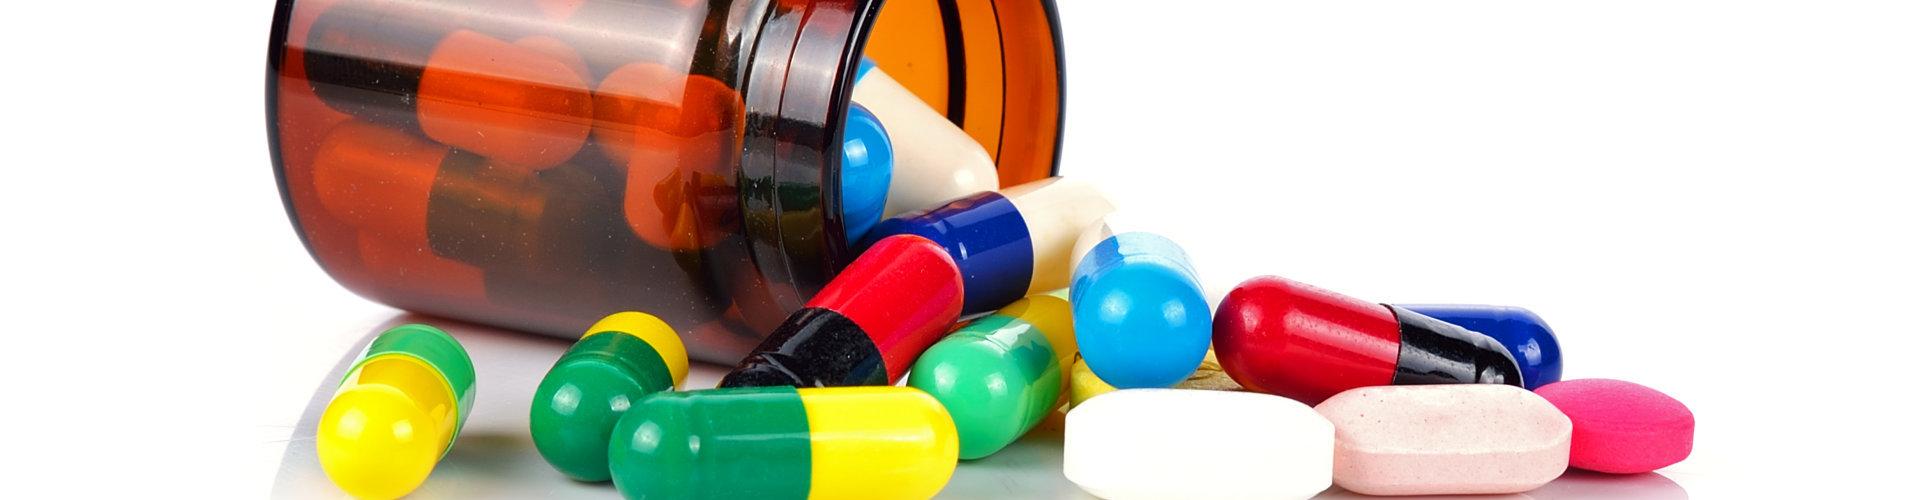 medicines on a bottle